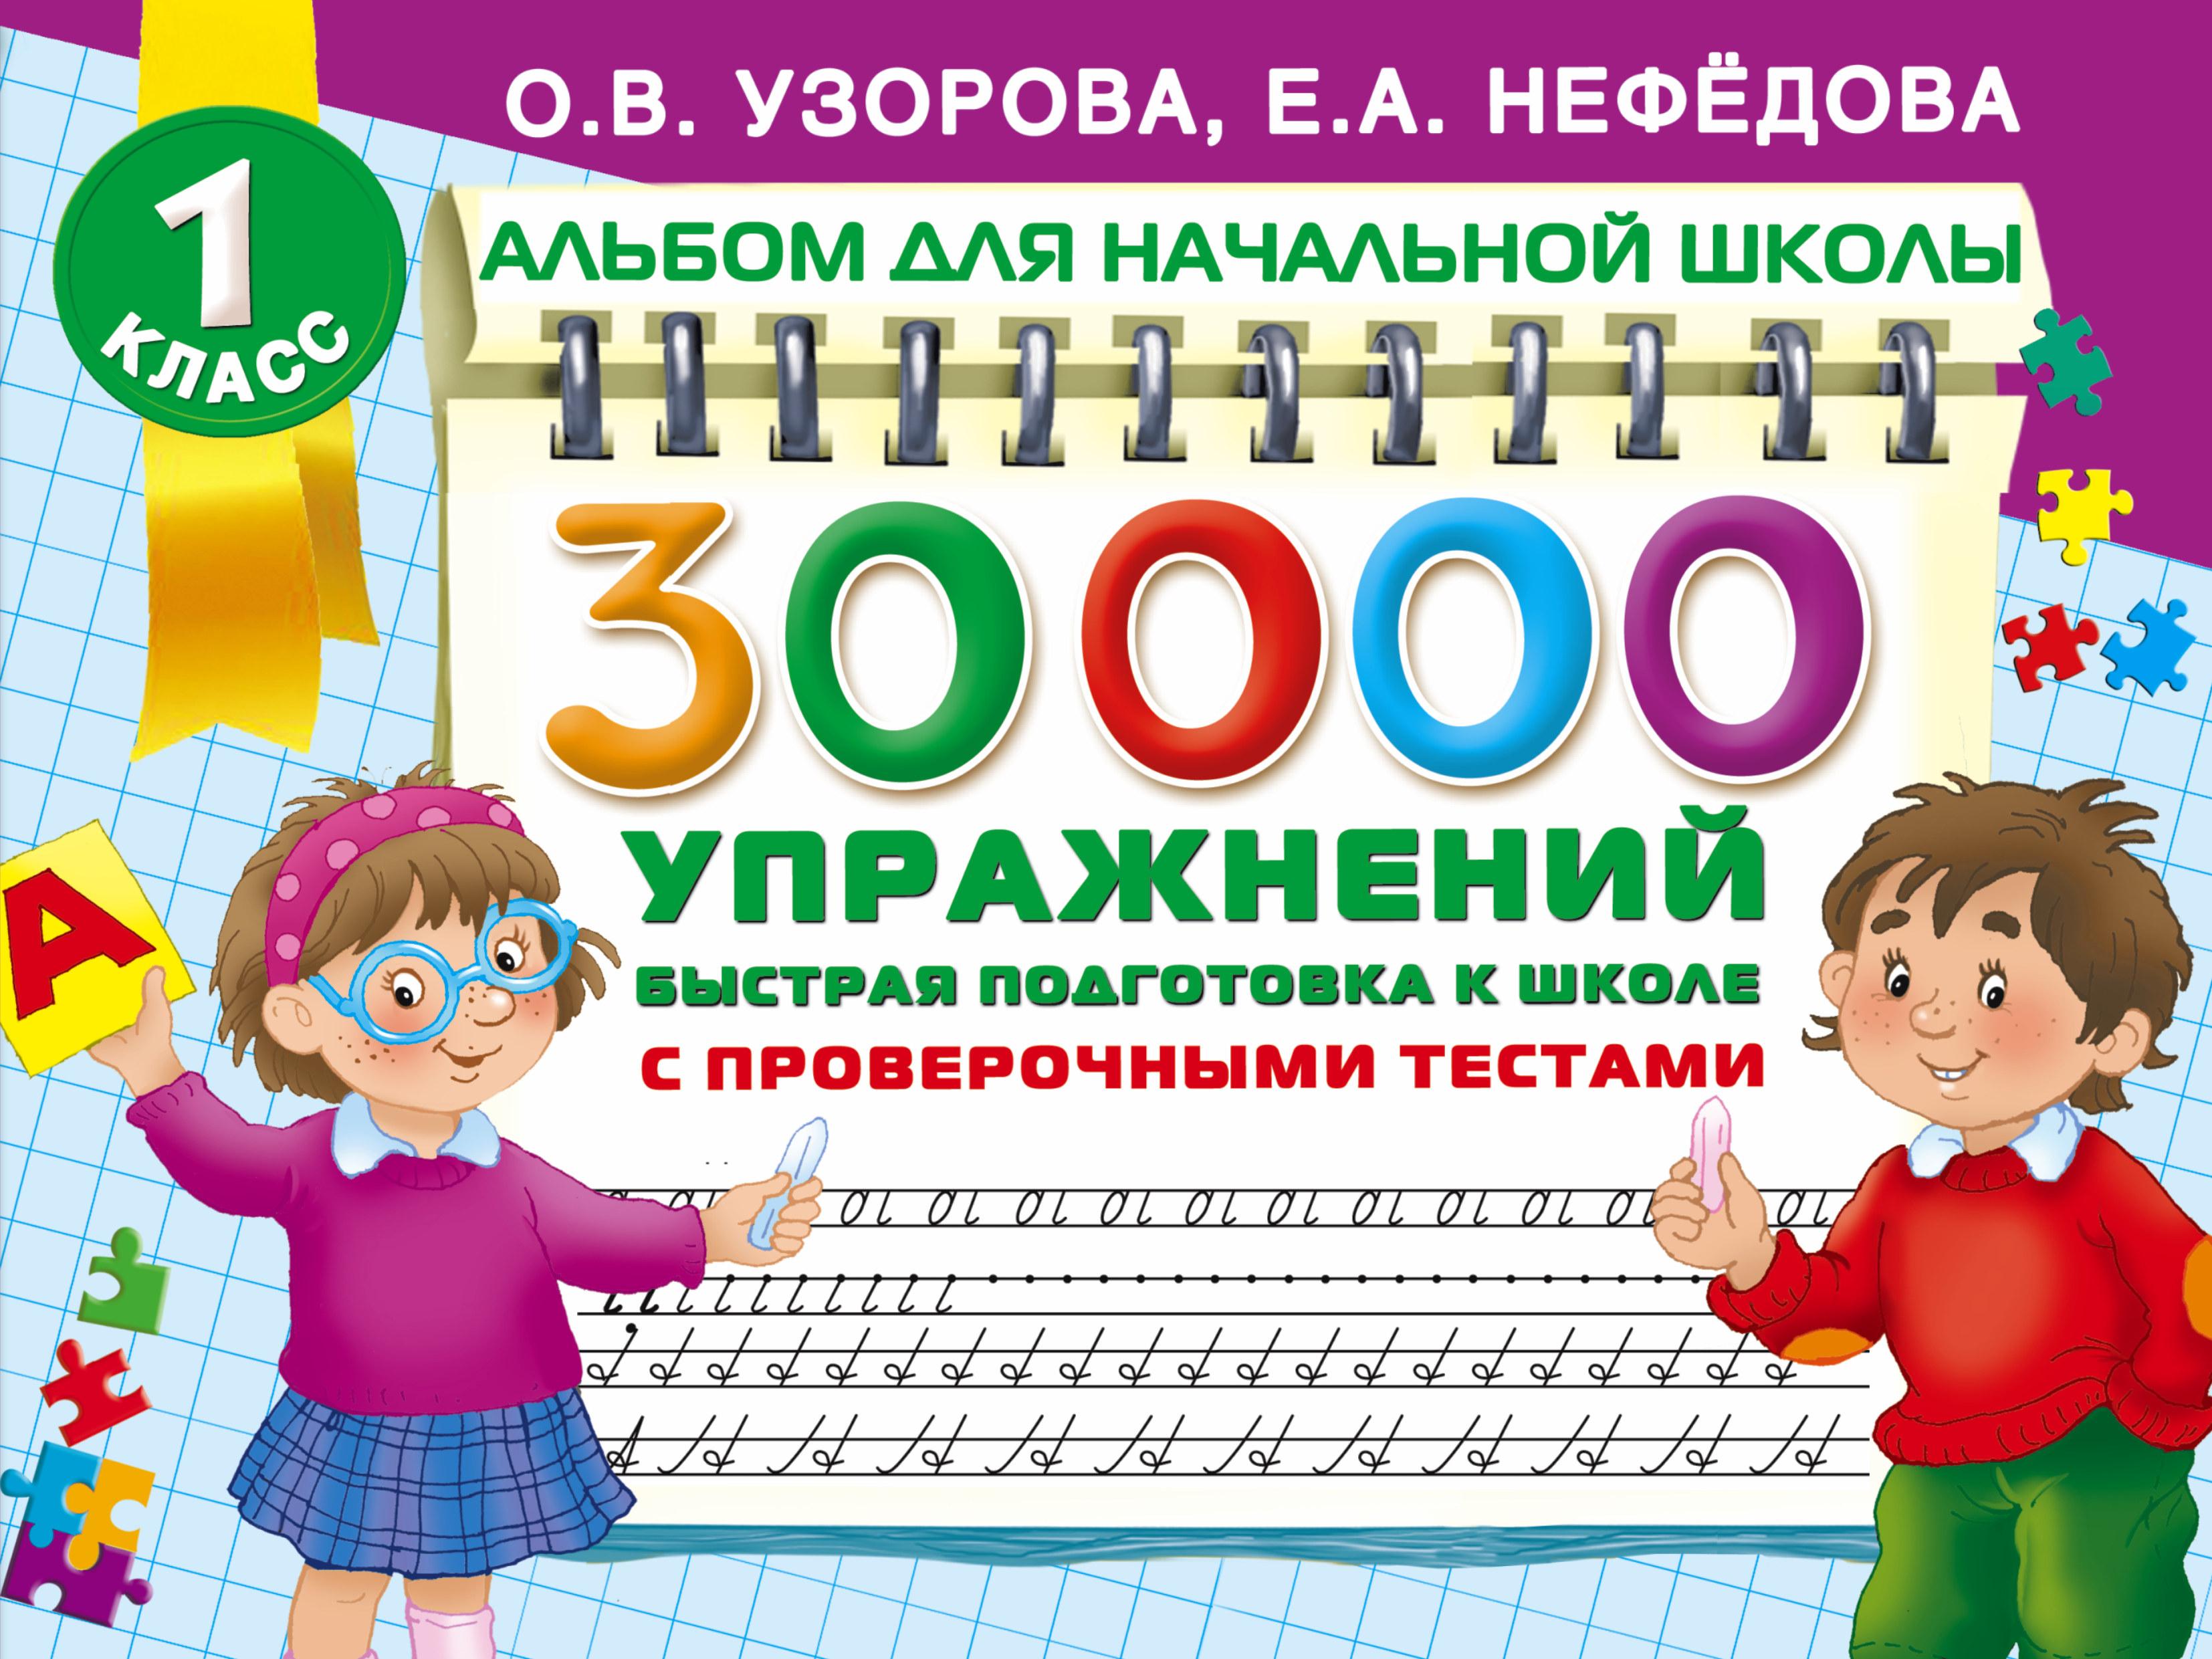 30000 упражнений. Быстрая подготовка к школе